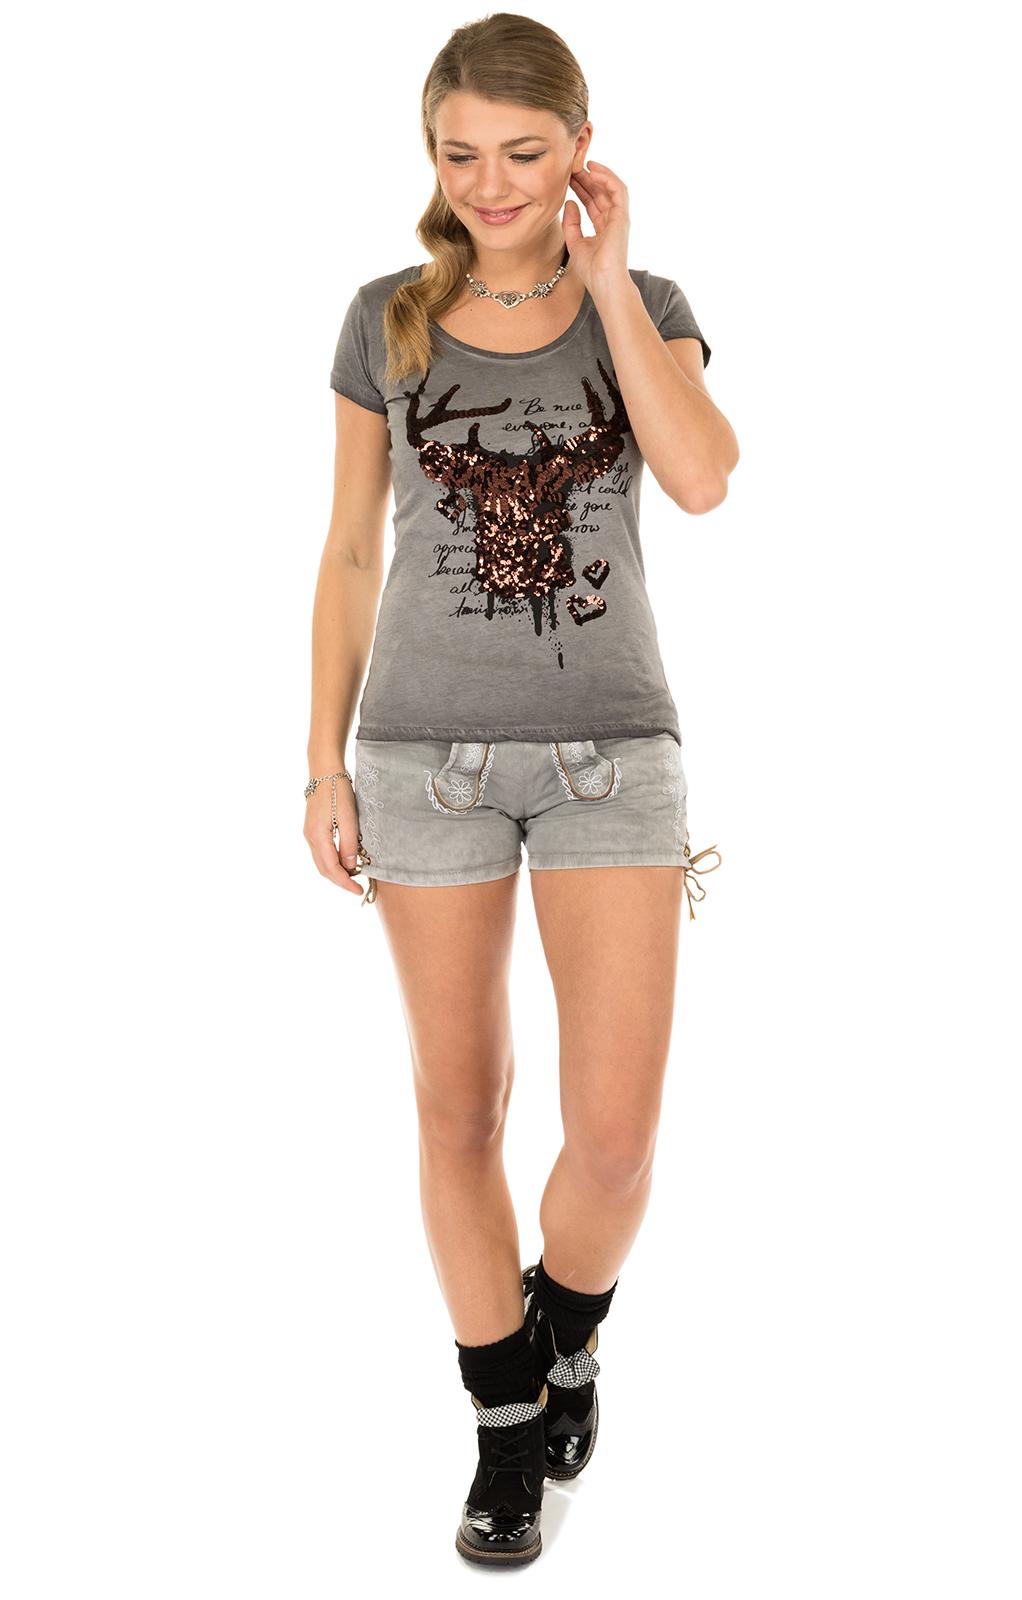 weitere Bilder von Trachten Shirt VENCAgray